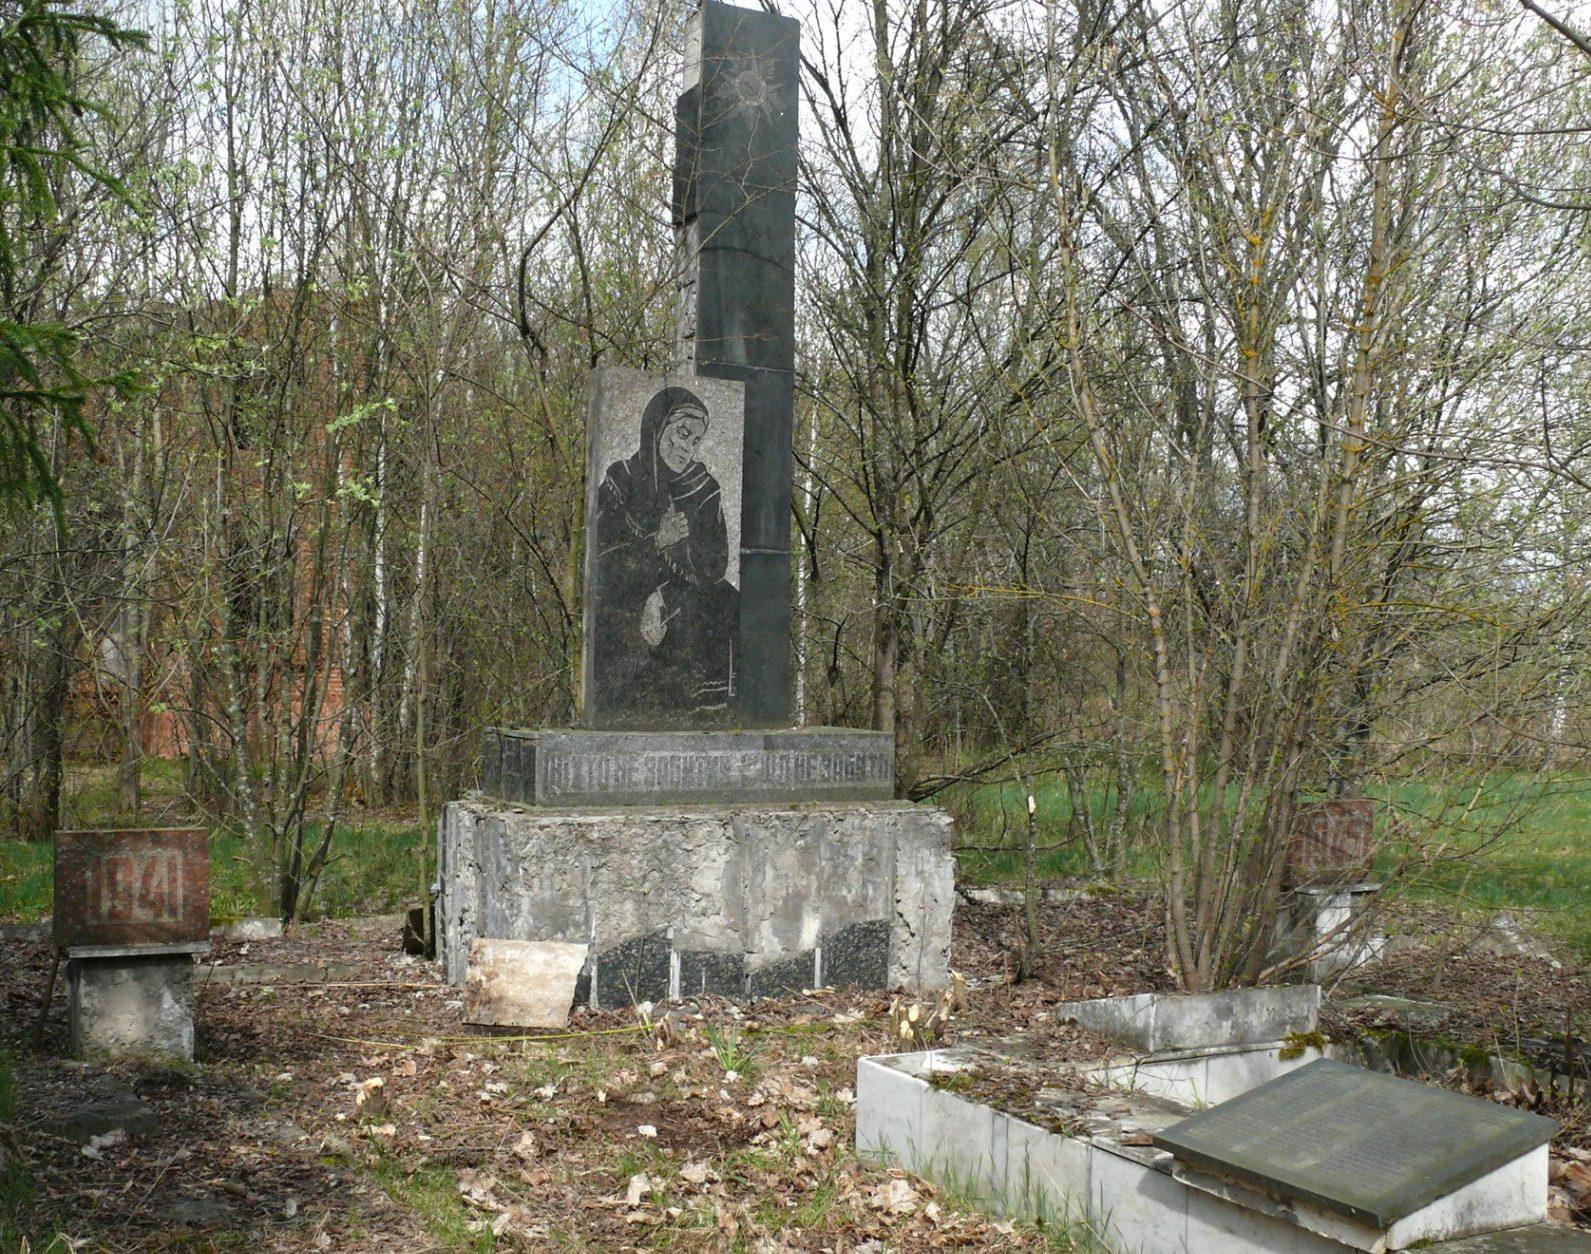 с. Диброва, Чернобыльская зона отчуждения. Памятник воинам-односельчанам.